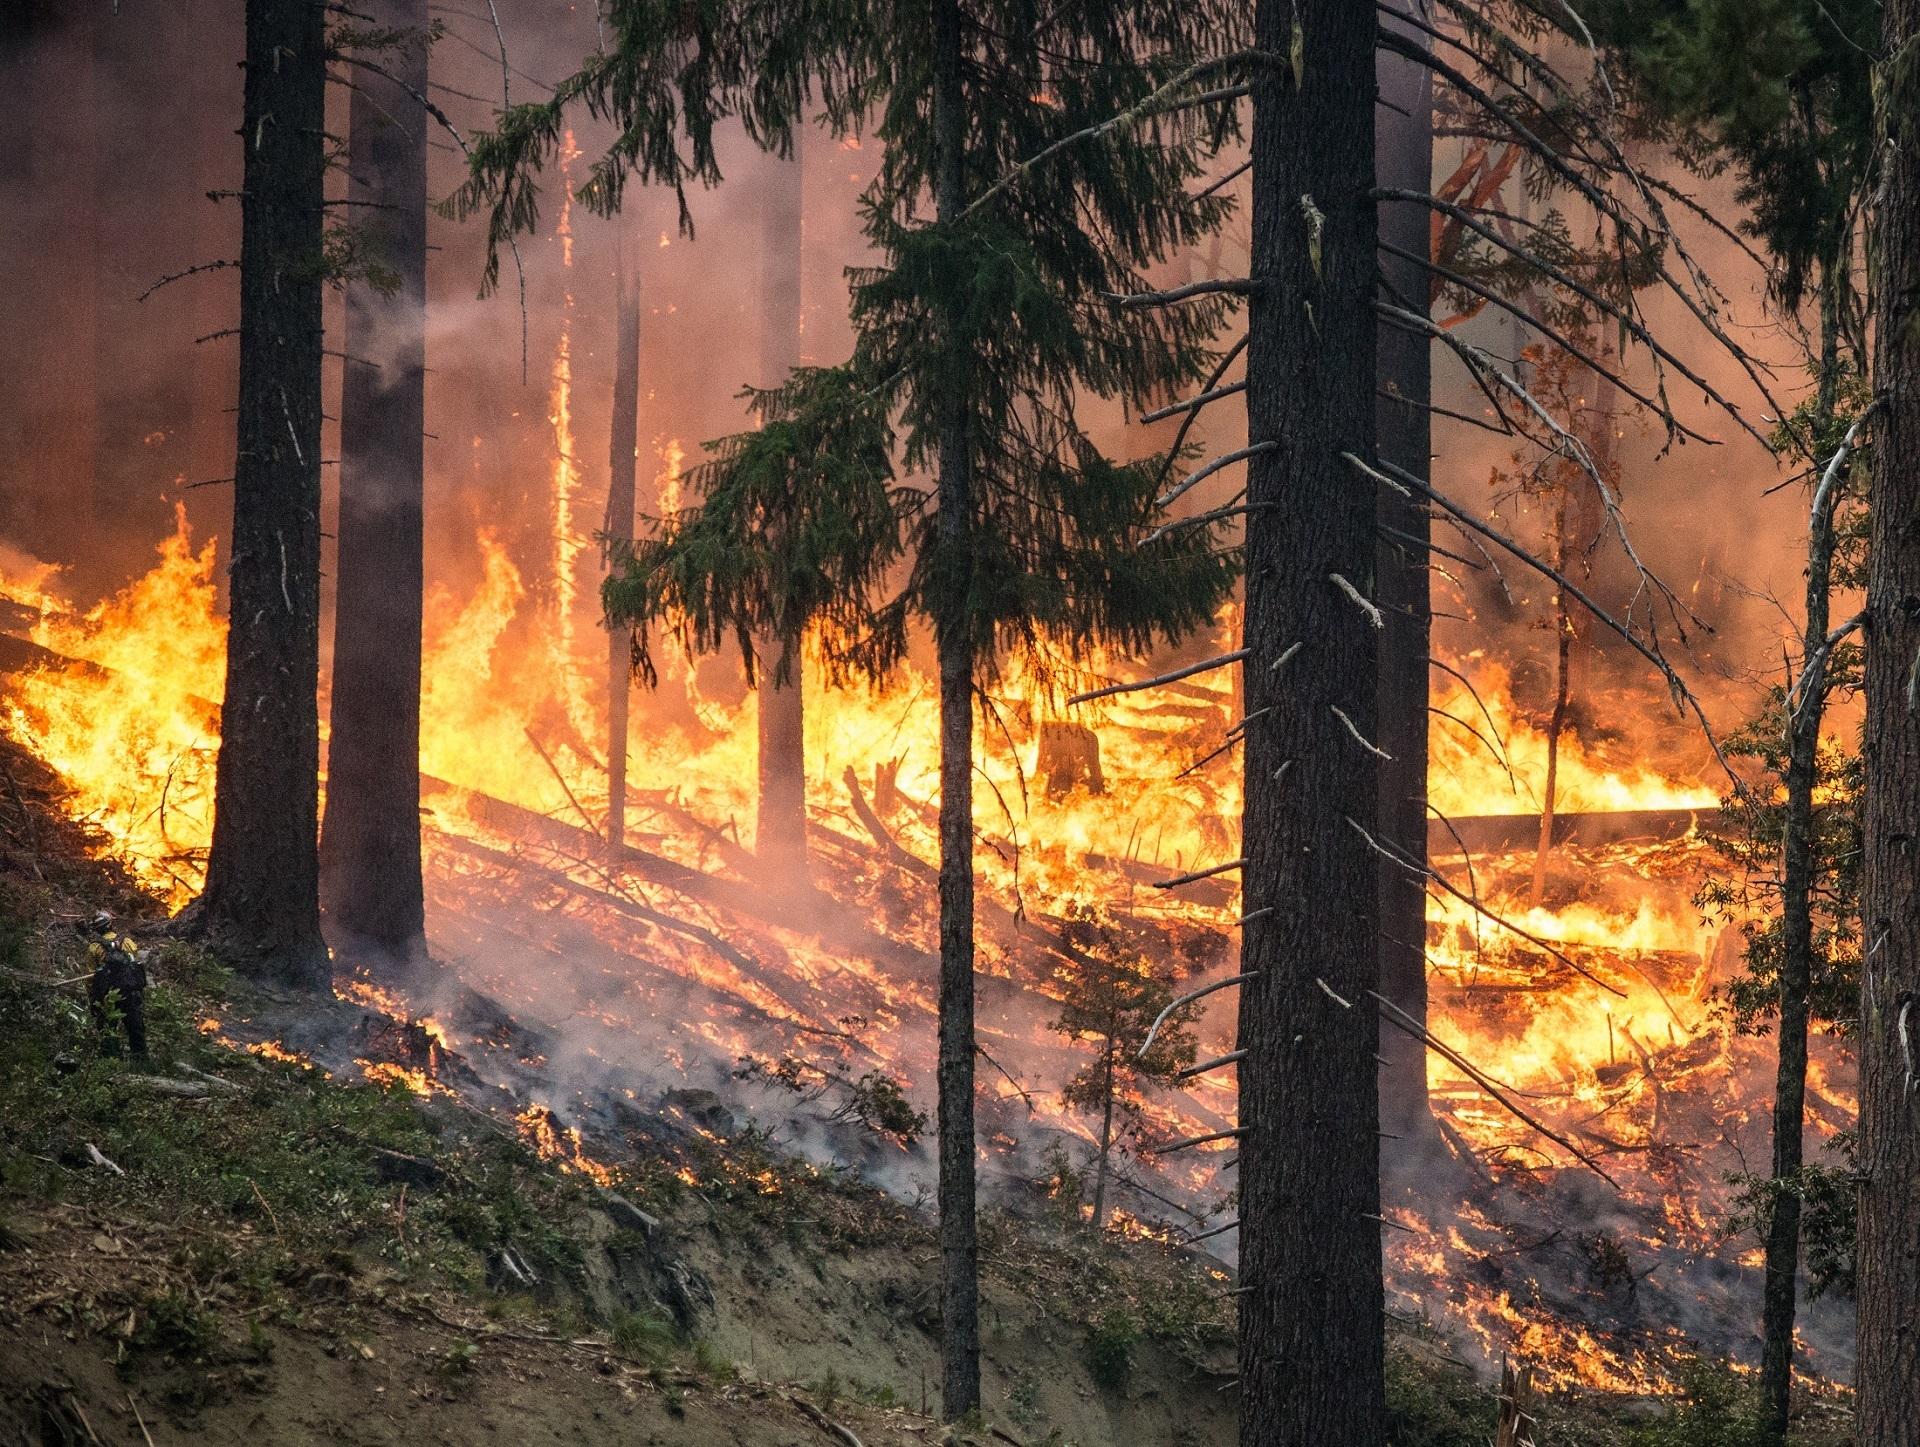 Expertos defienden la necesidad de incluir una base científica en los debates políticos para la gestión y control de los incendios forestales